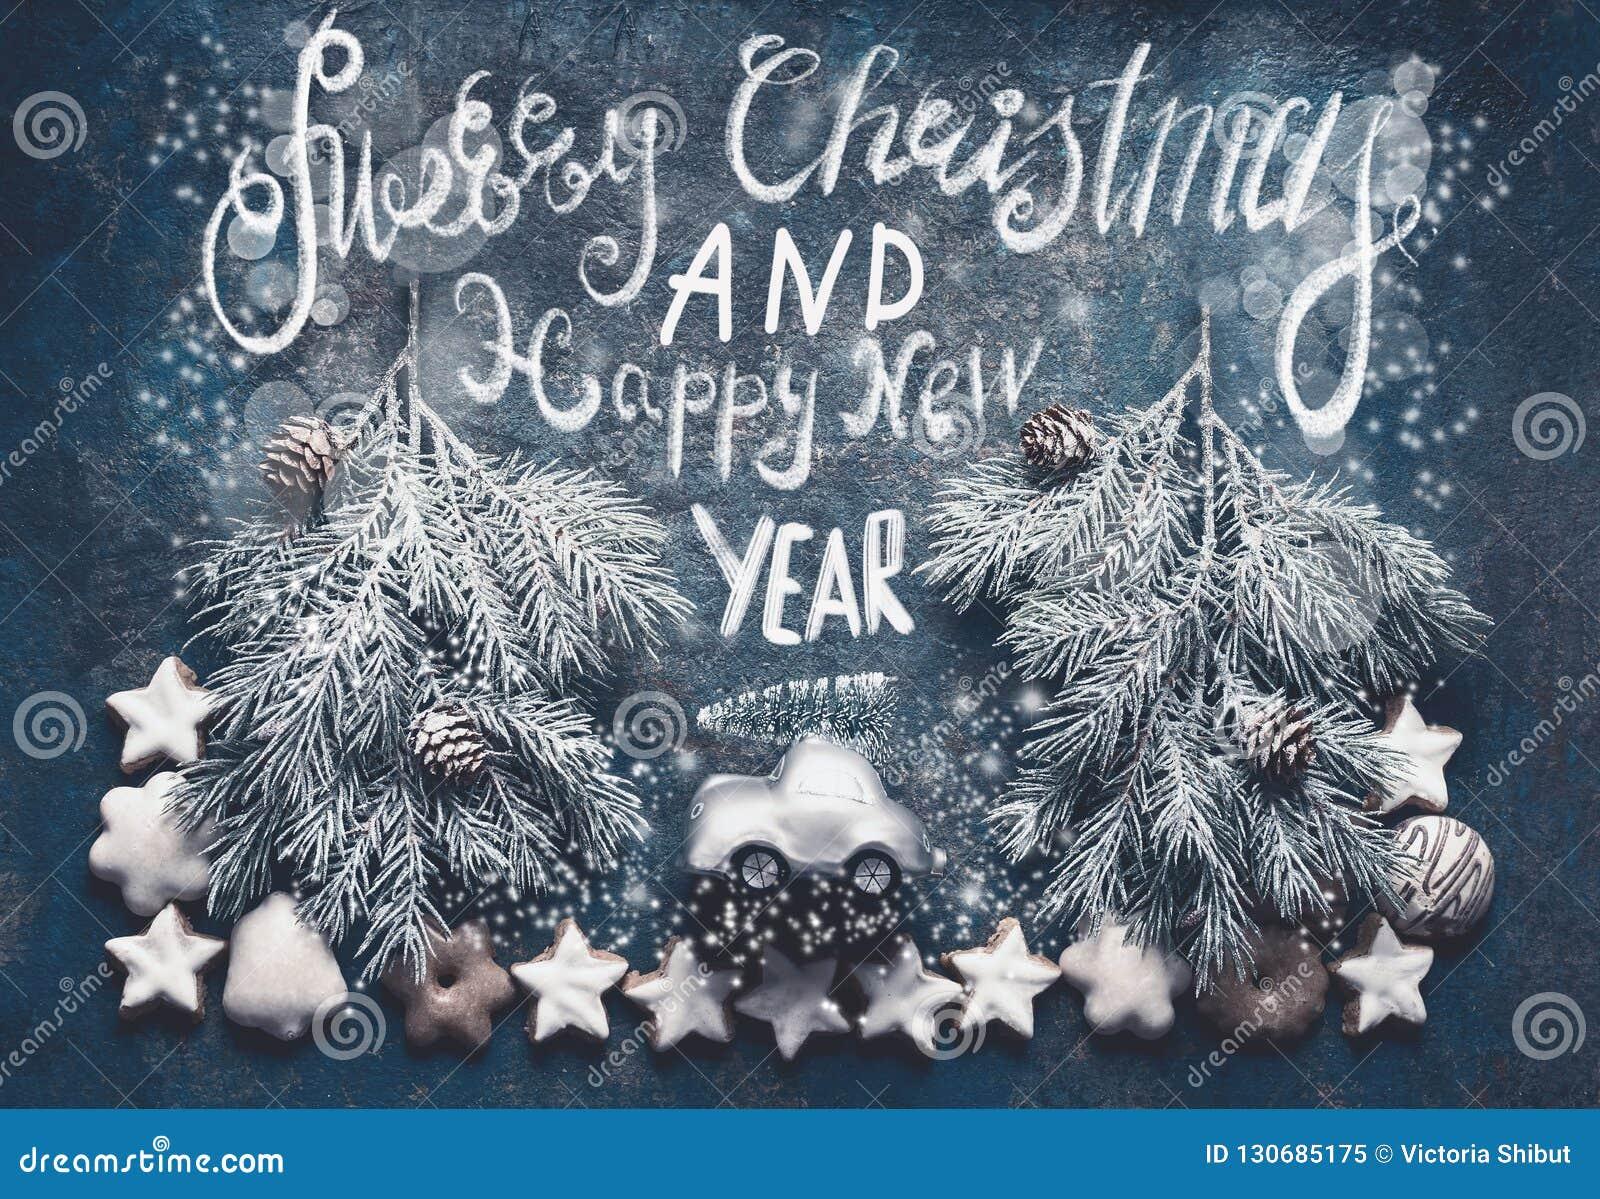 Foto Con Auguri Di Buon Natale.Cartolina D Auguri Di Buon Natale Con L Albero Di Natale